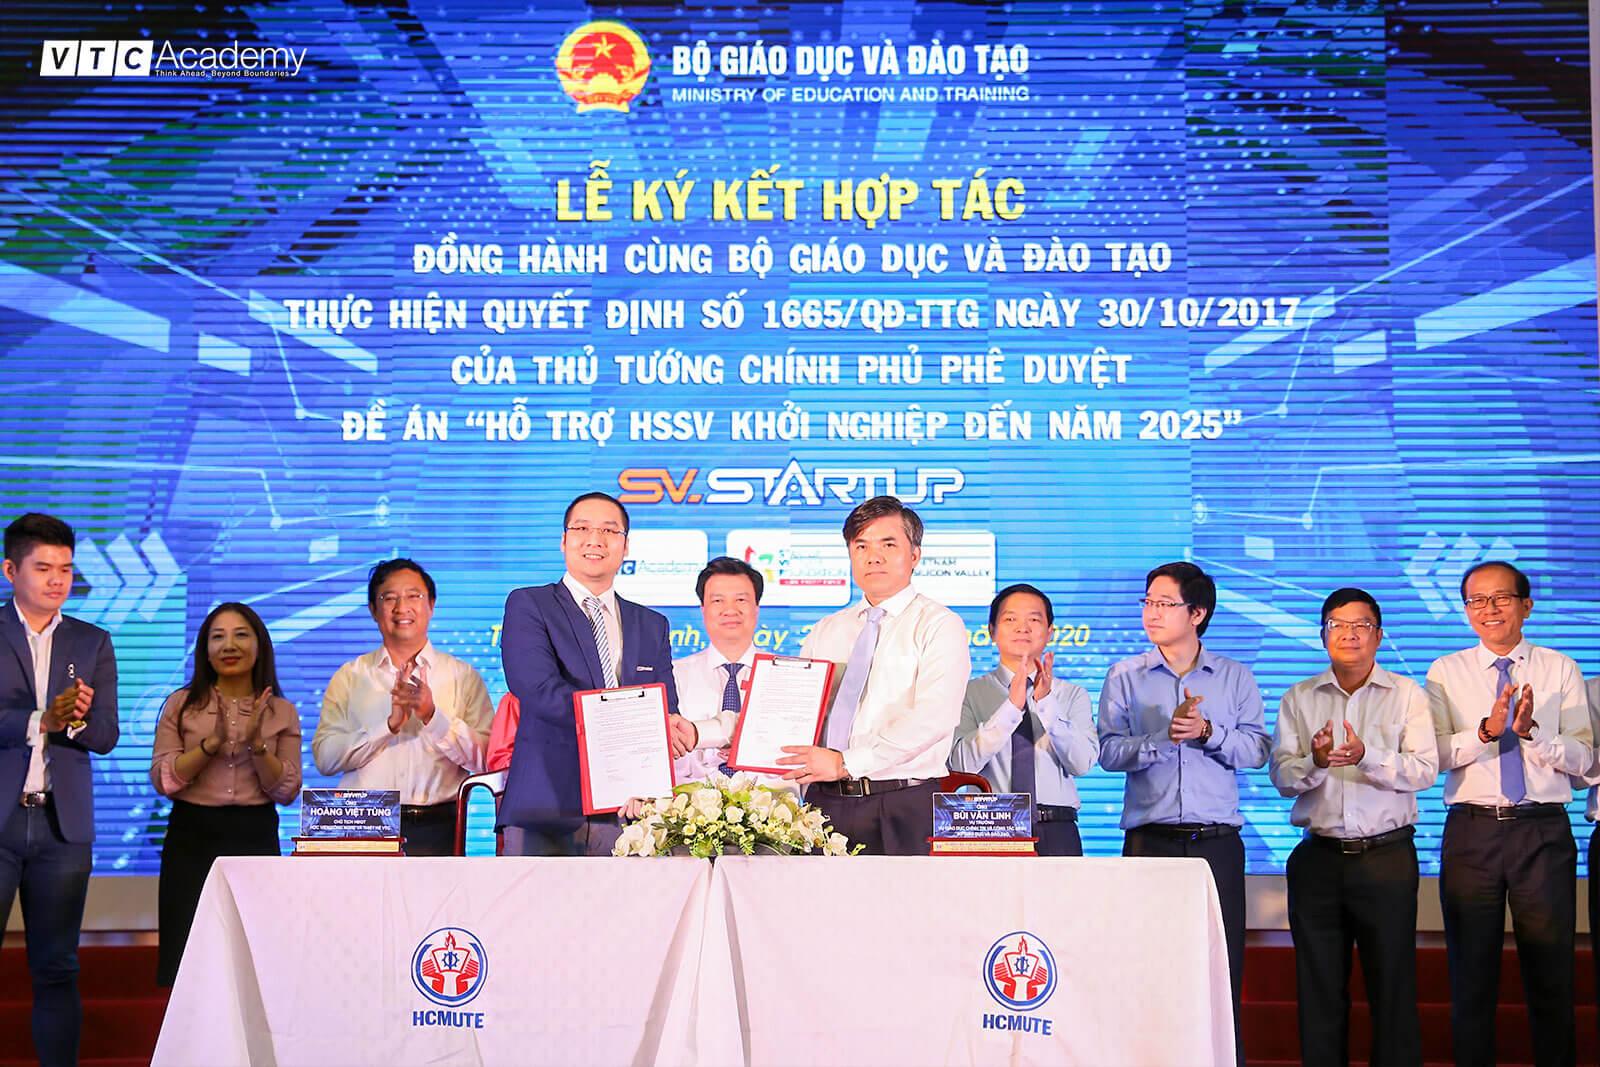 VTC Academy chính thức đồng hành cùng Bộ GDĐT đến năm 2025